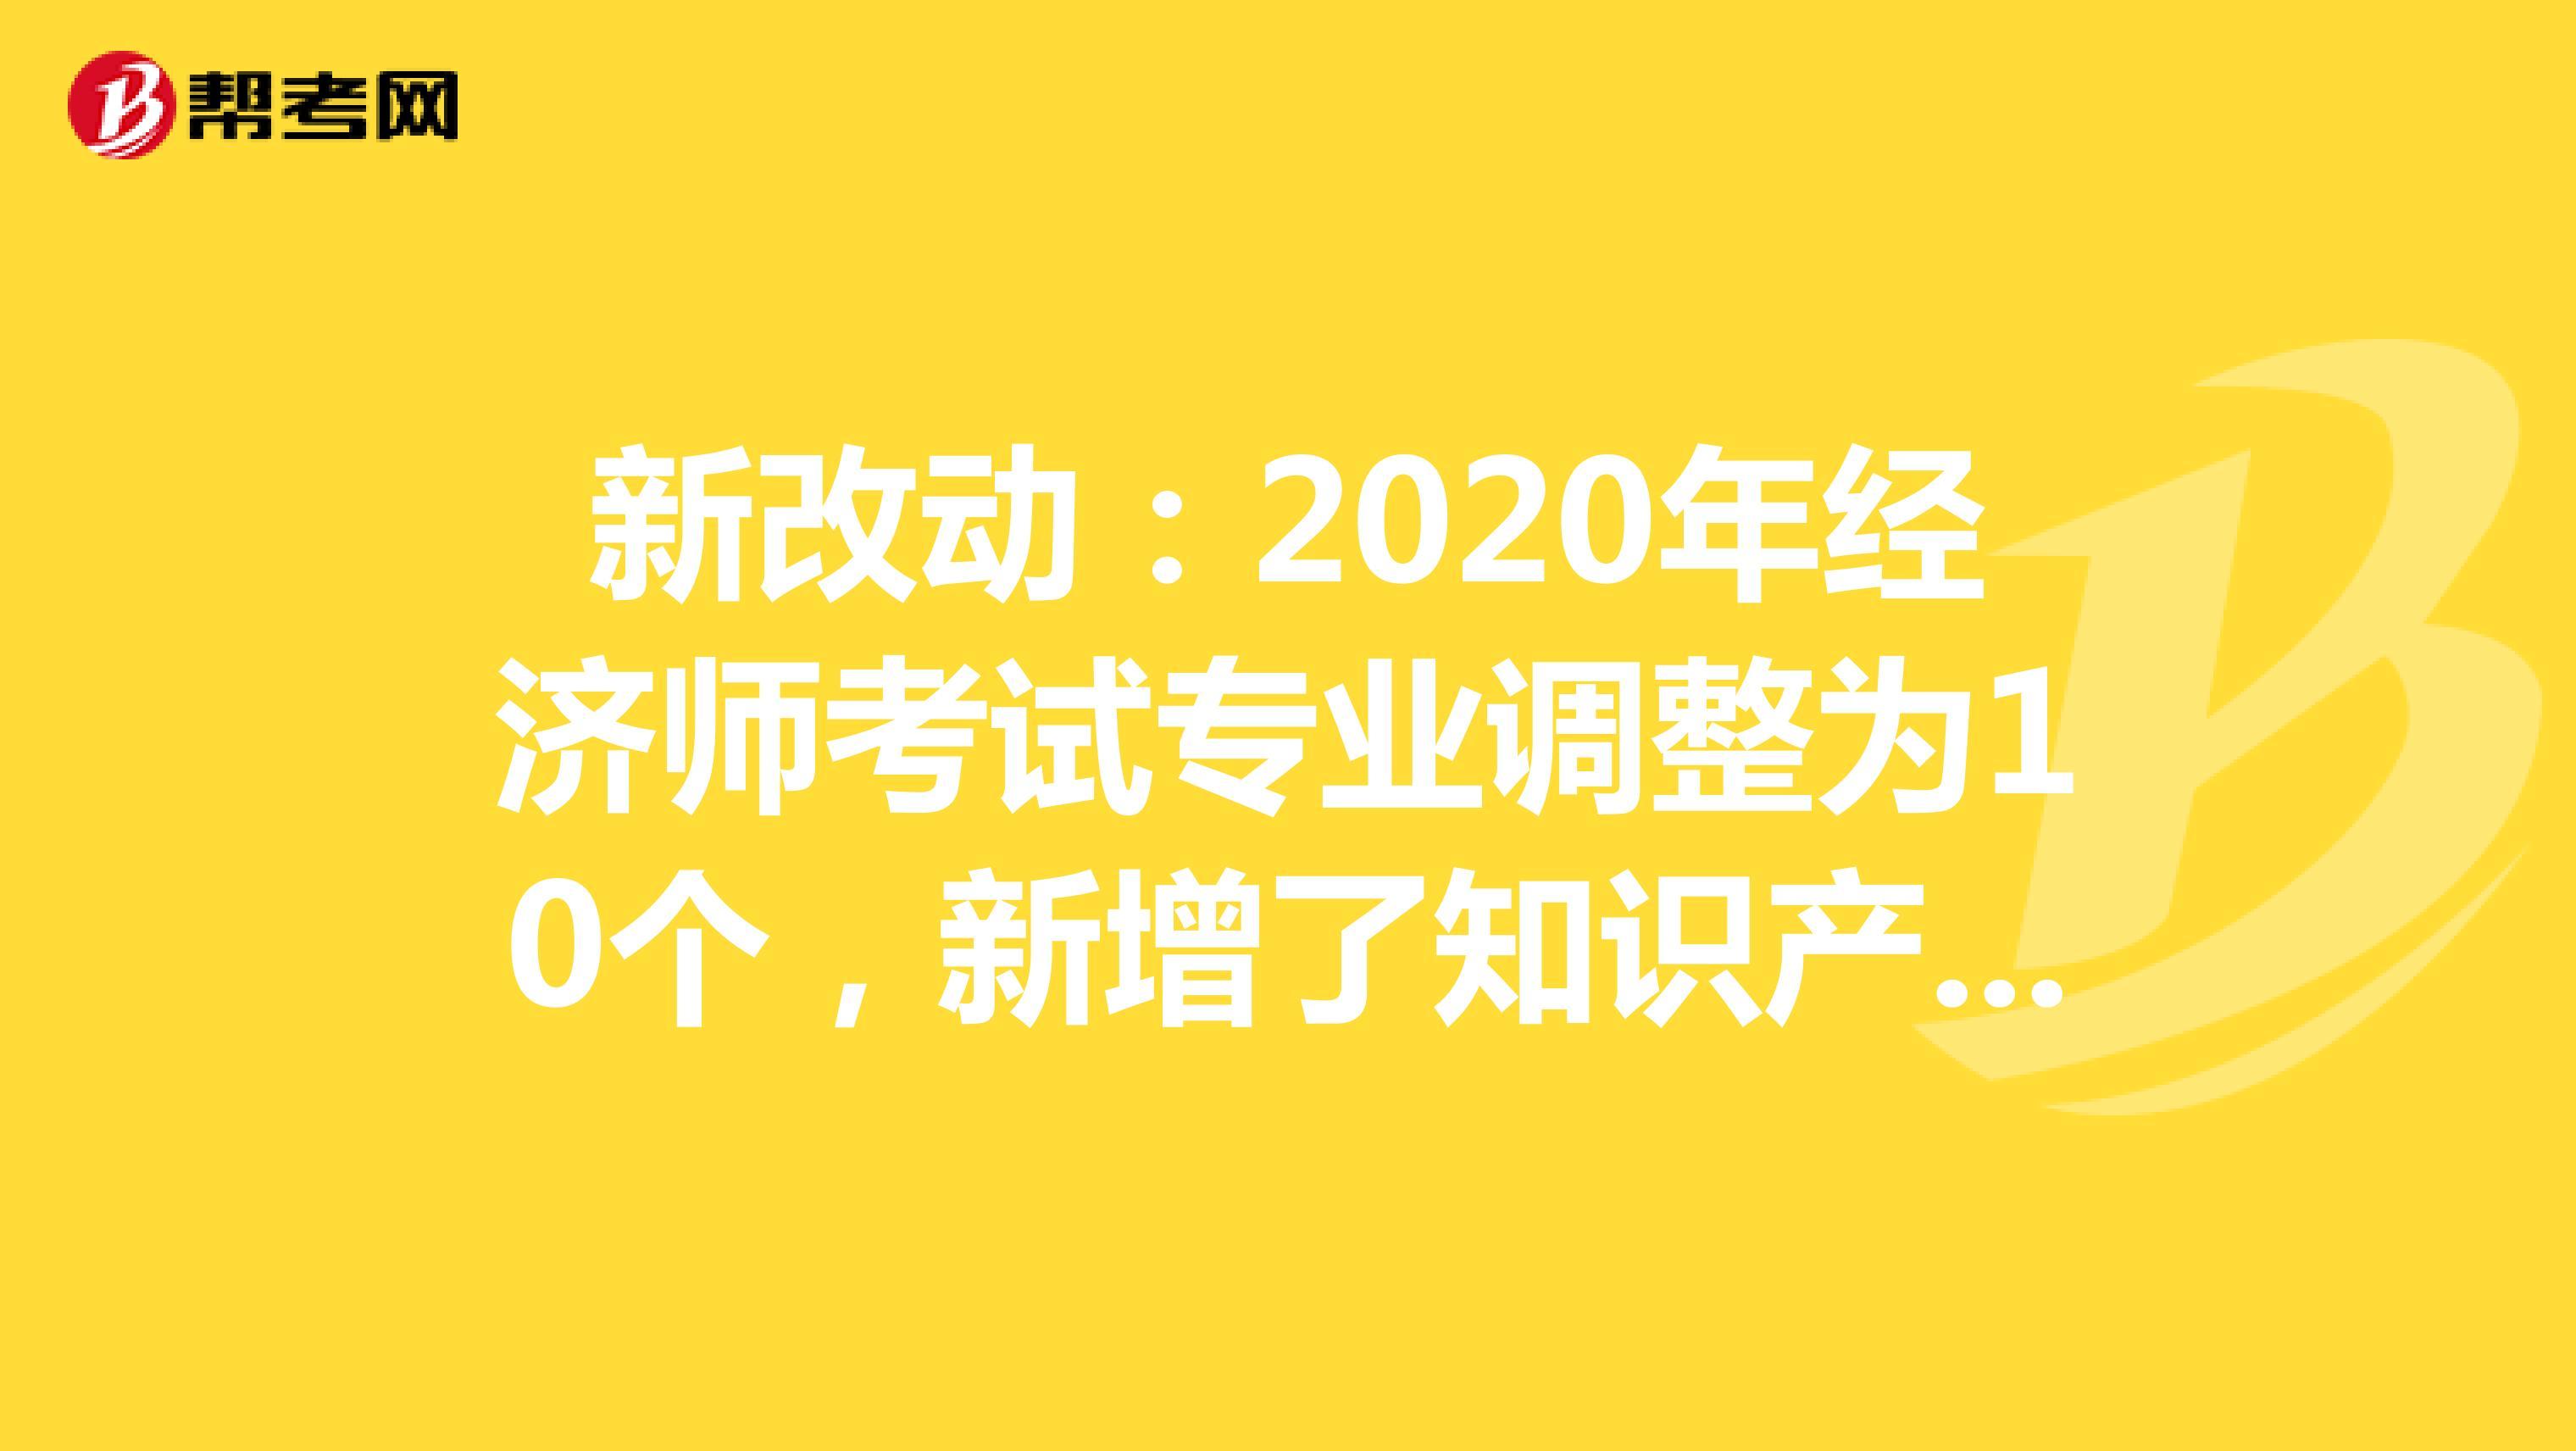 新改动:2020年经济师考试专业调整为10个,新增了知识产权专业